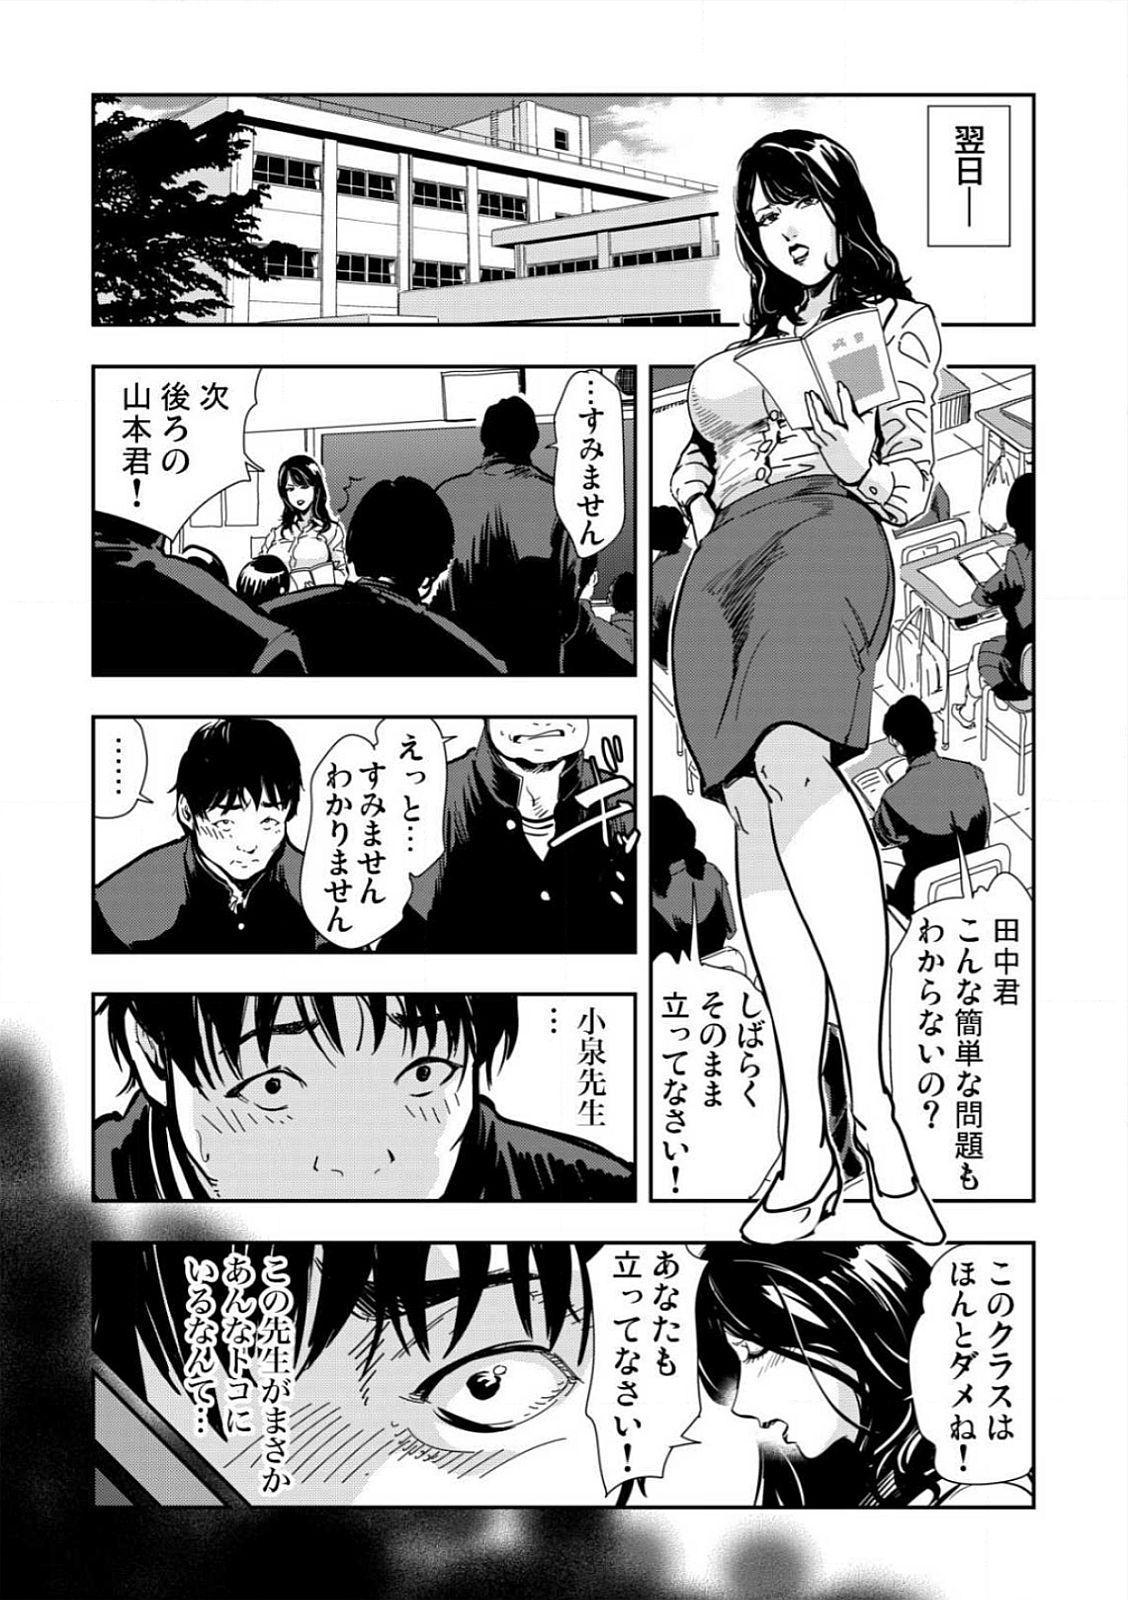 [Misaki Yukihiro] Kyousei Shidou ~Mechakucha ni Kegasarete~ (1)~(6) [Digital] 56